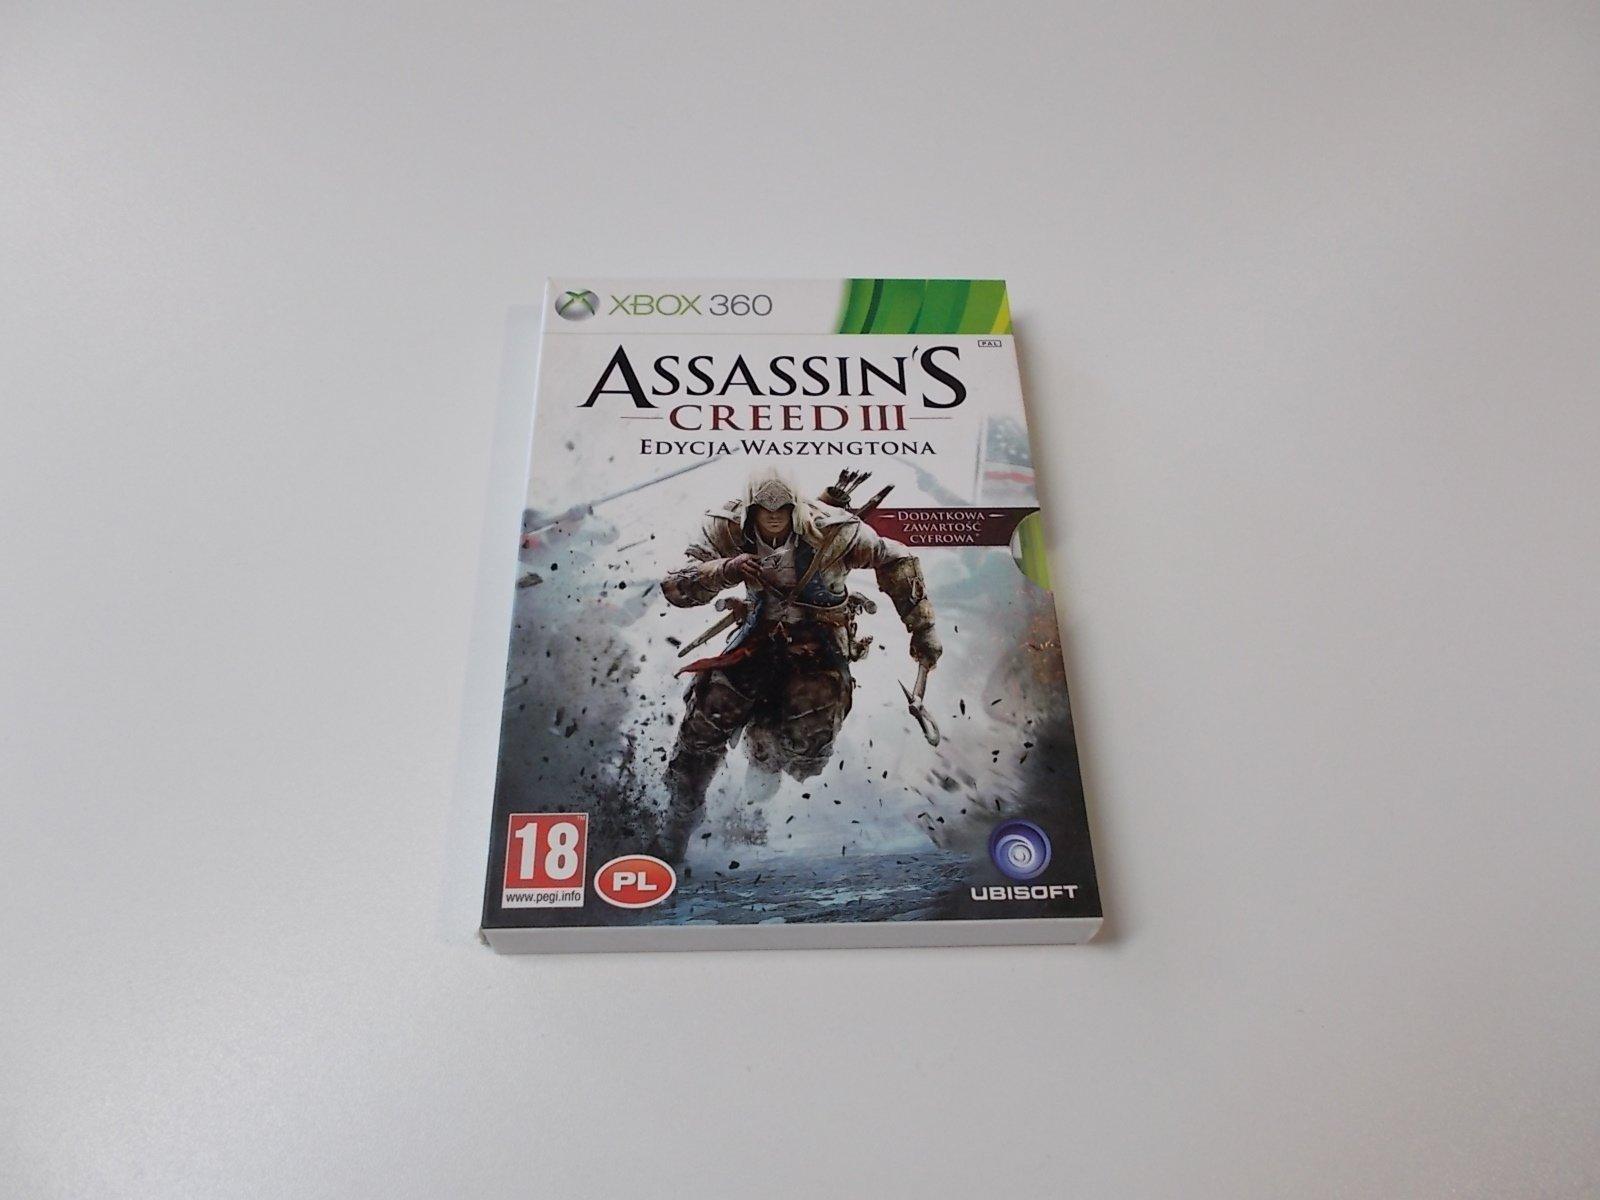 Assassins Creed 3 Edycja Waszyngtona - GRA Xbox 360 - Opole 0436